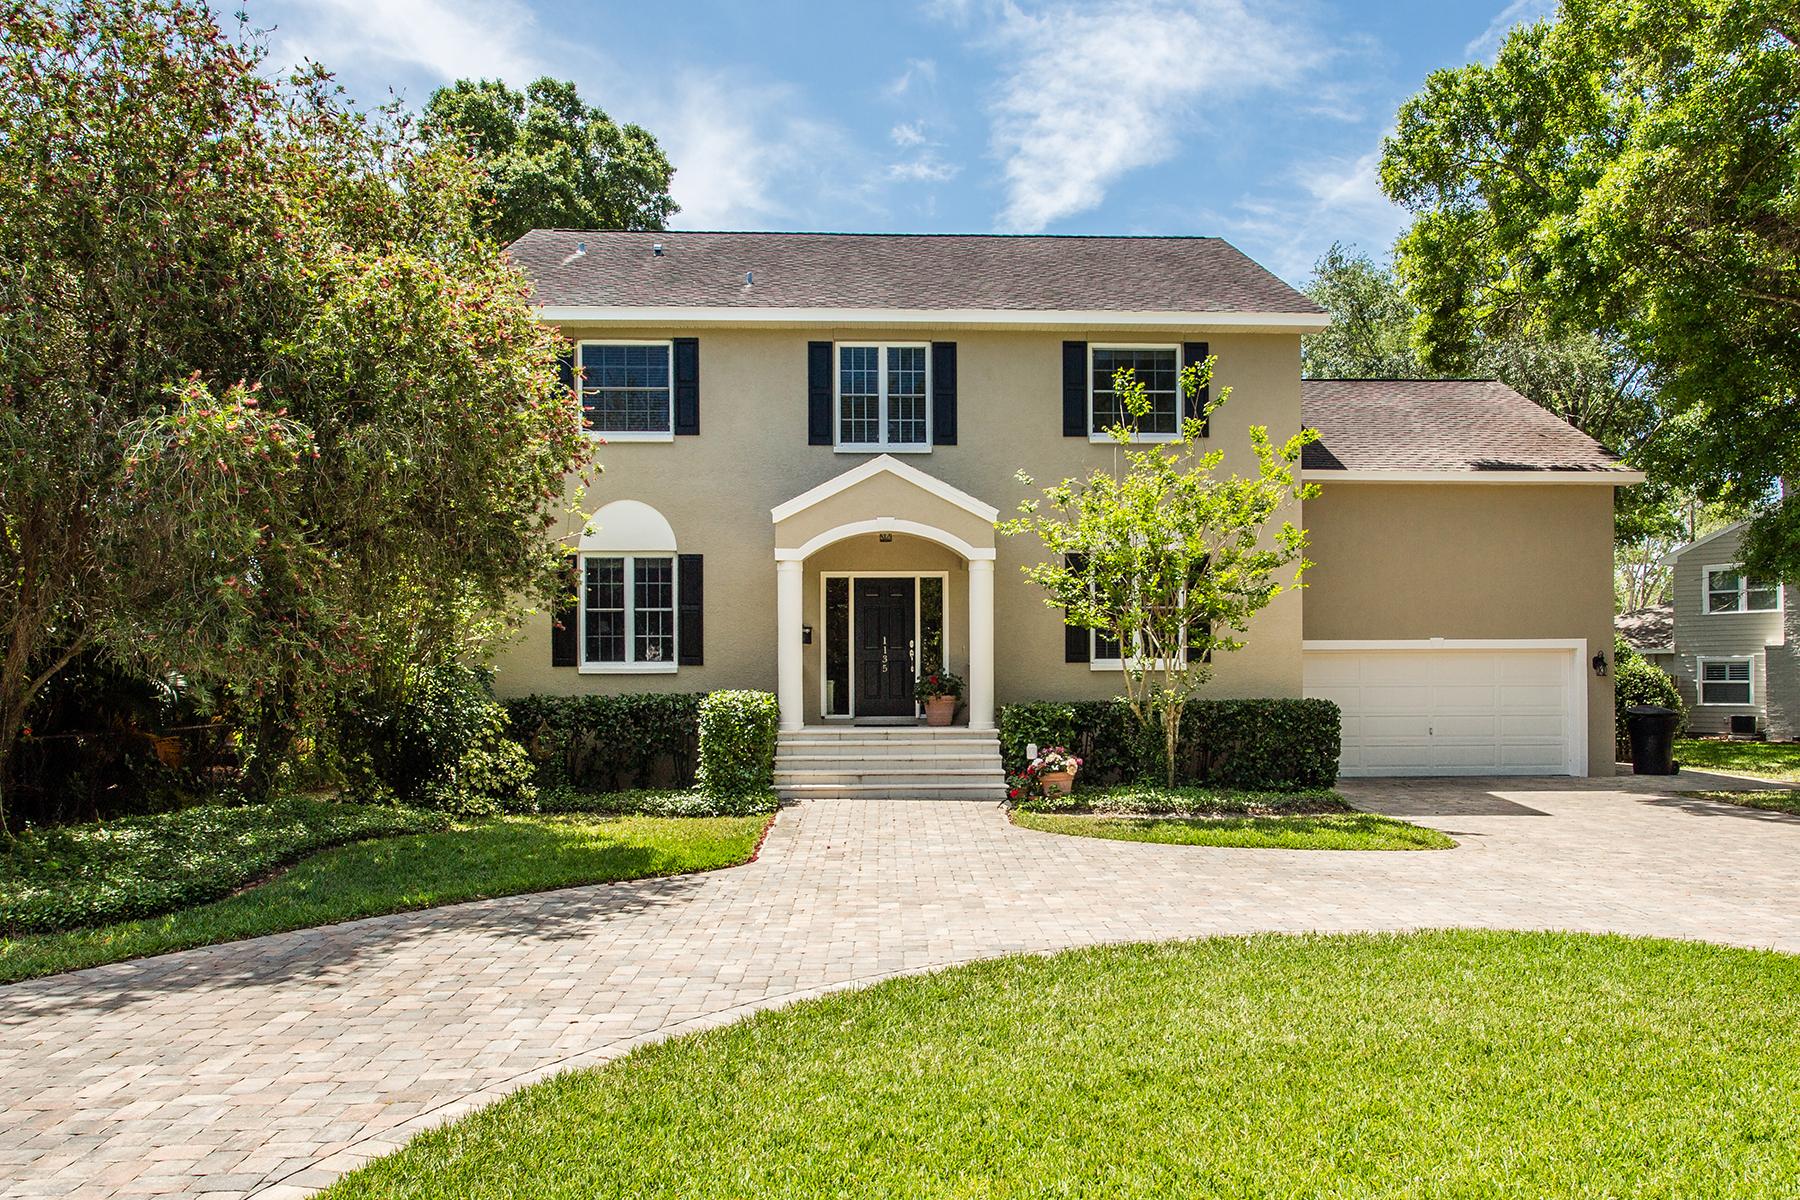 Maison unifamiliale pour l Vente à SNELL ISLE 1135 Monterey Blvd NE Snell Isle, St. Petersburg, Florida, 33704 États-Unis